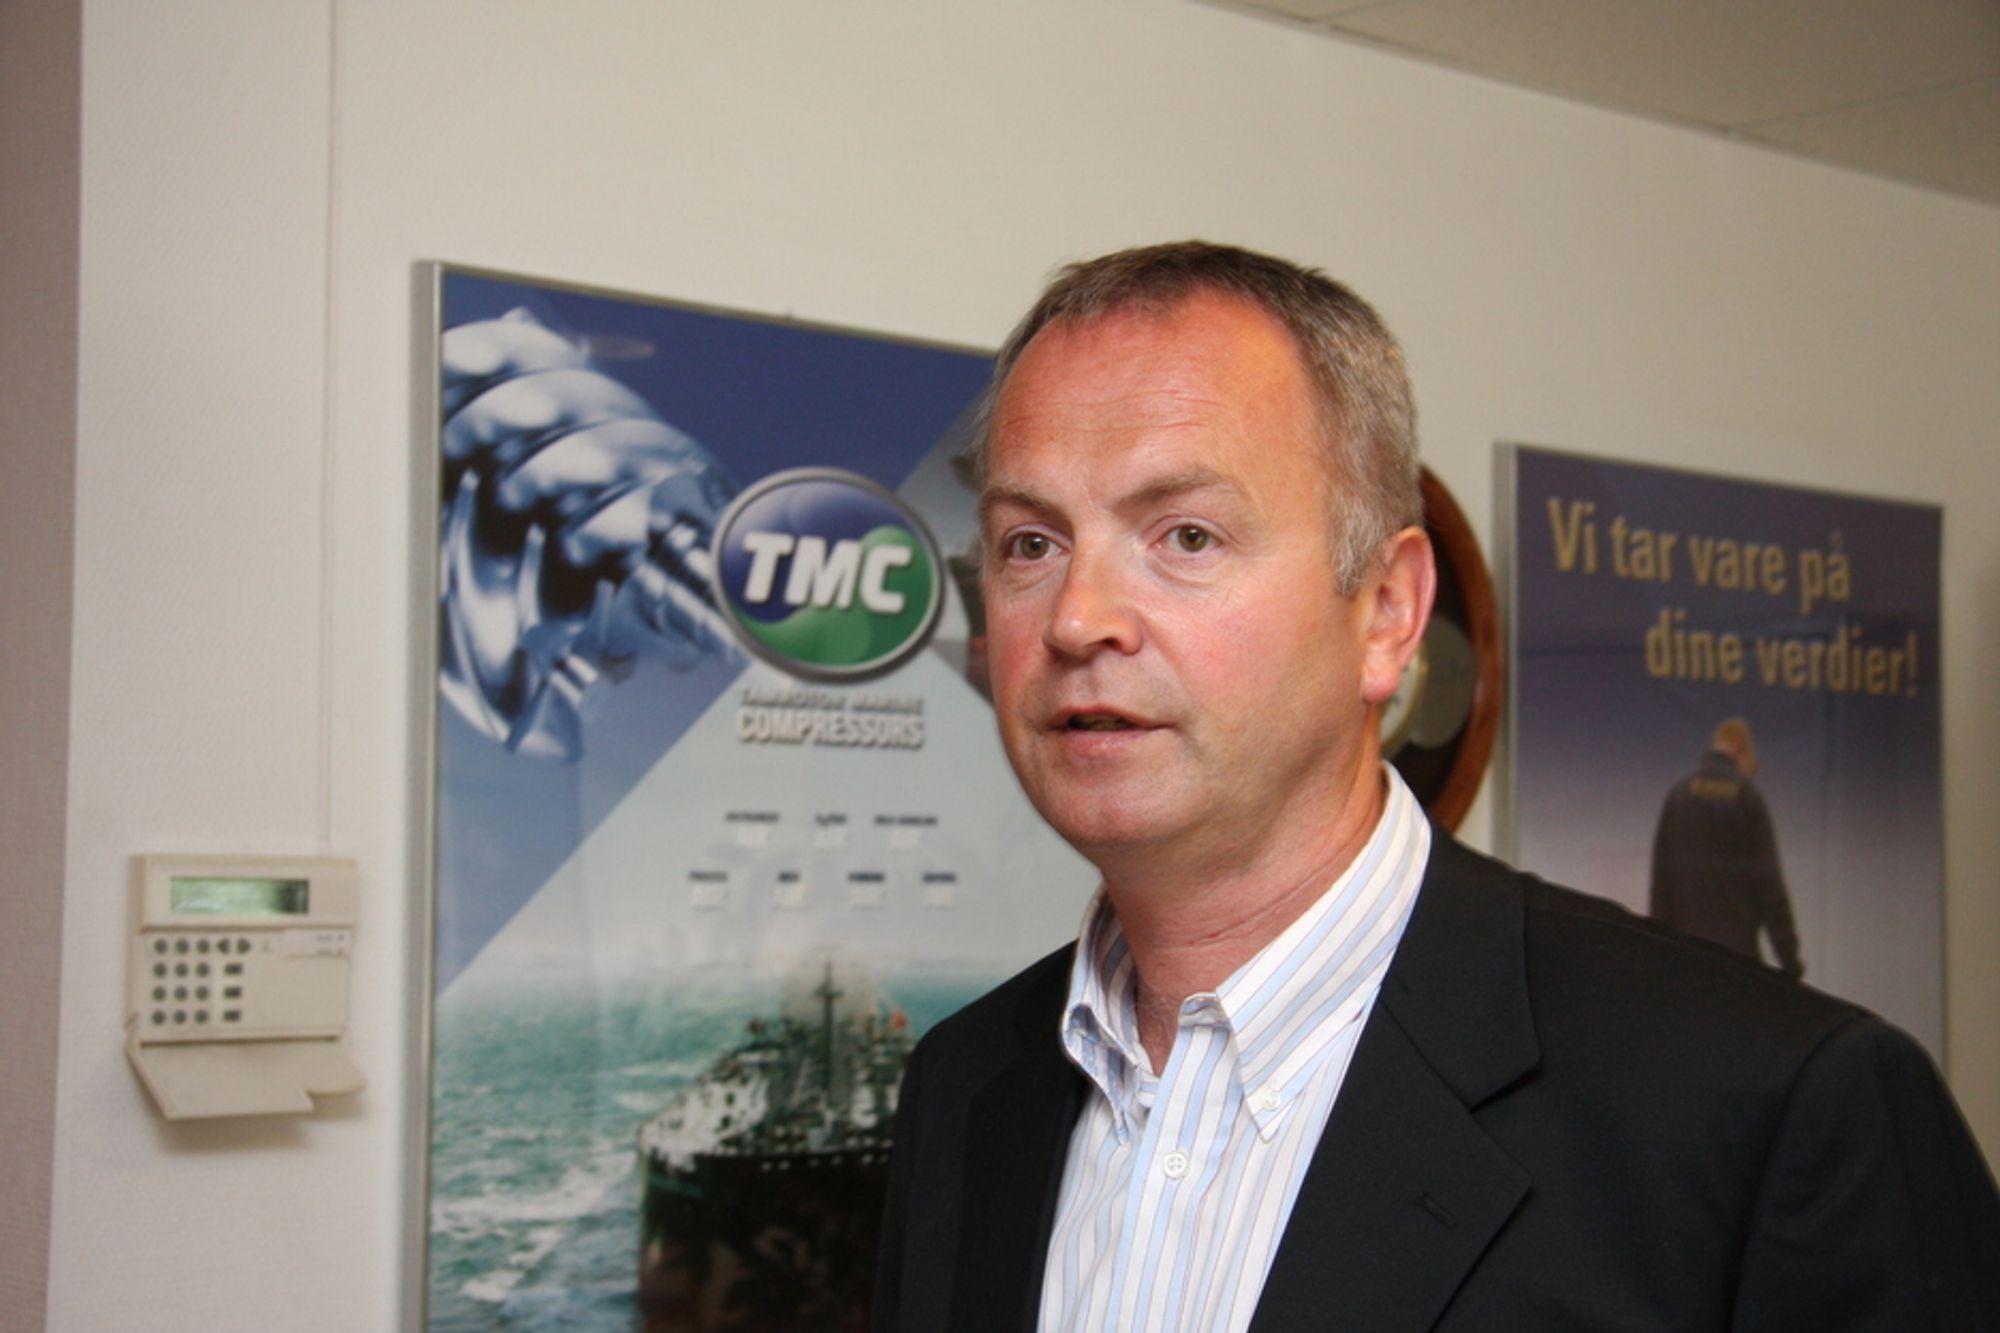 KOMPENSERER: Økt ordreinngang fra offshore, rigg og spesialfartøy klarer nesten å kompensere for fall i ordrene til ordinære skip for TMC Compressor, fastslår adm. dir. Odd-Ståle Sperre Ness.